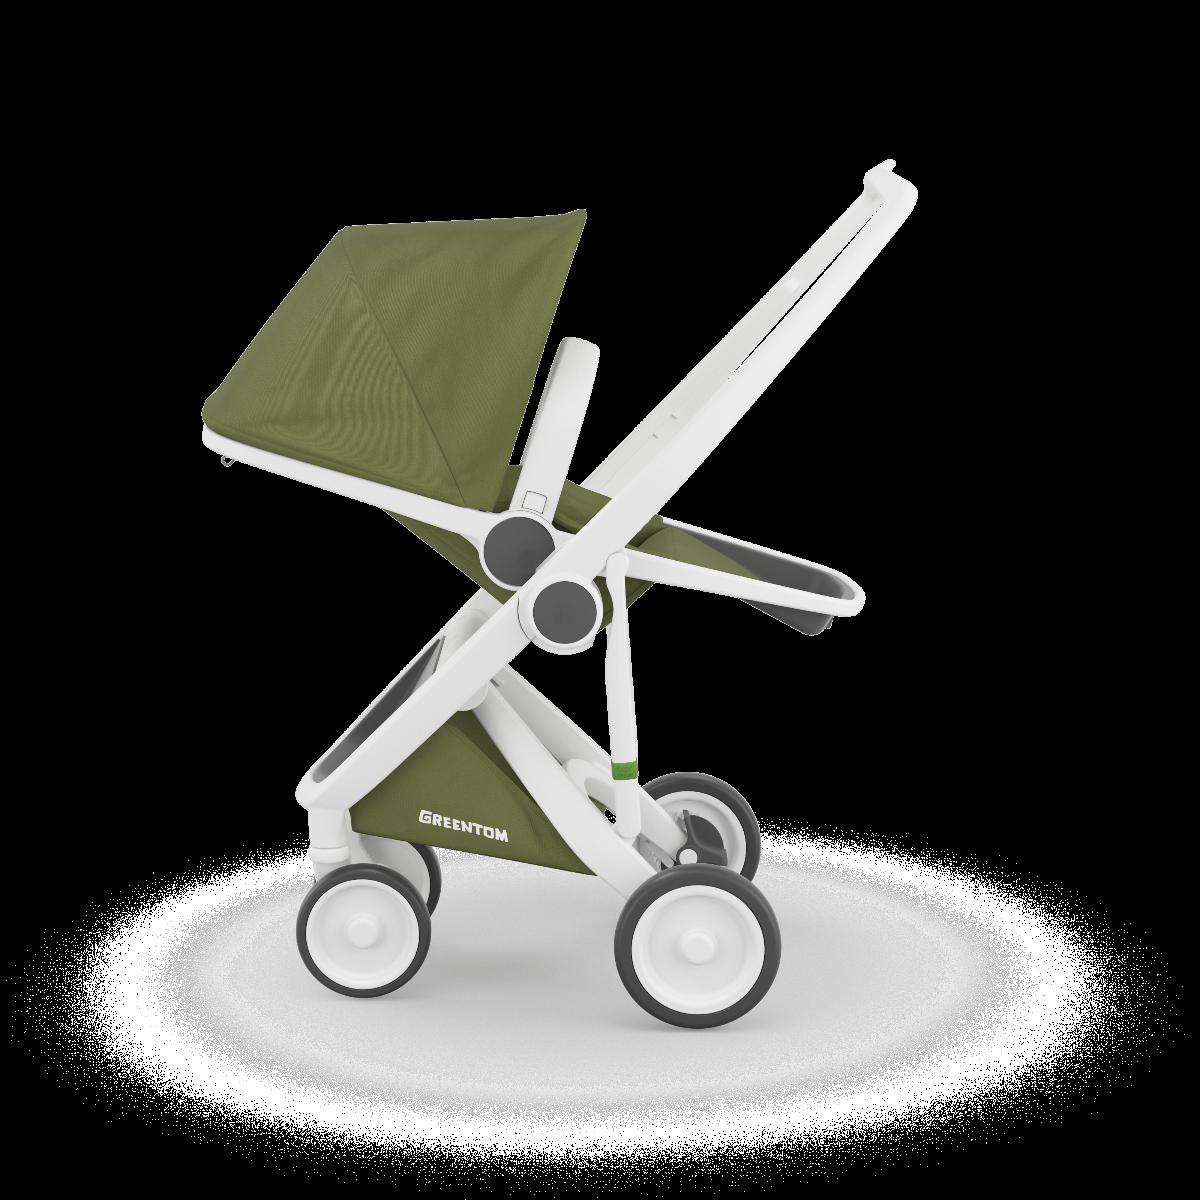 Greentom Reversible Baby Kids Stroller White Olive